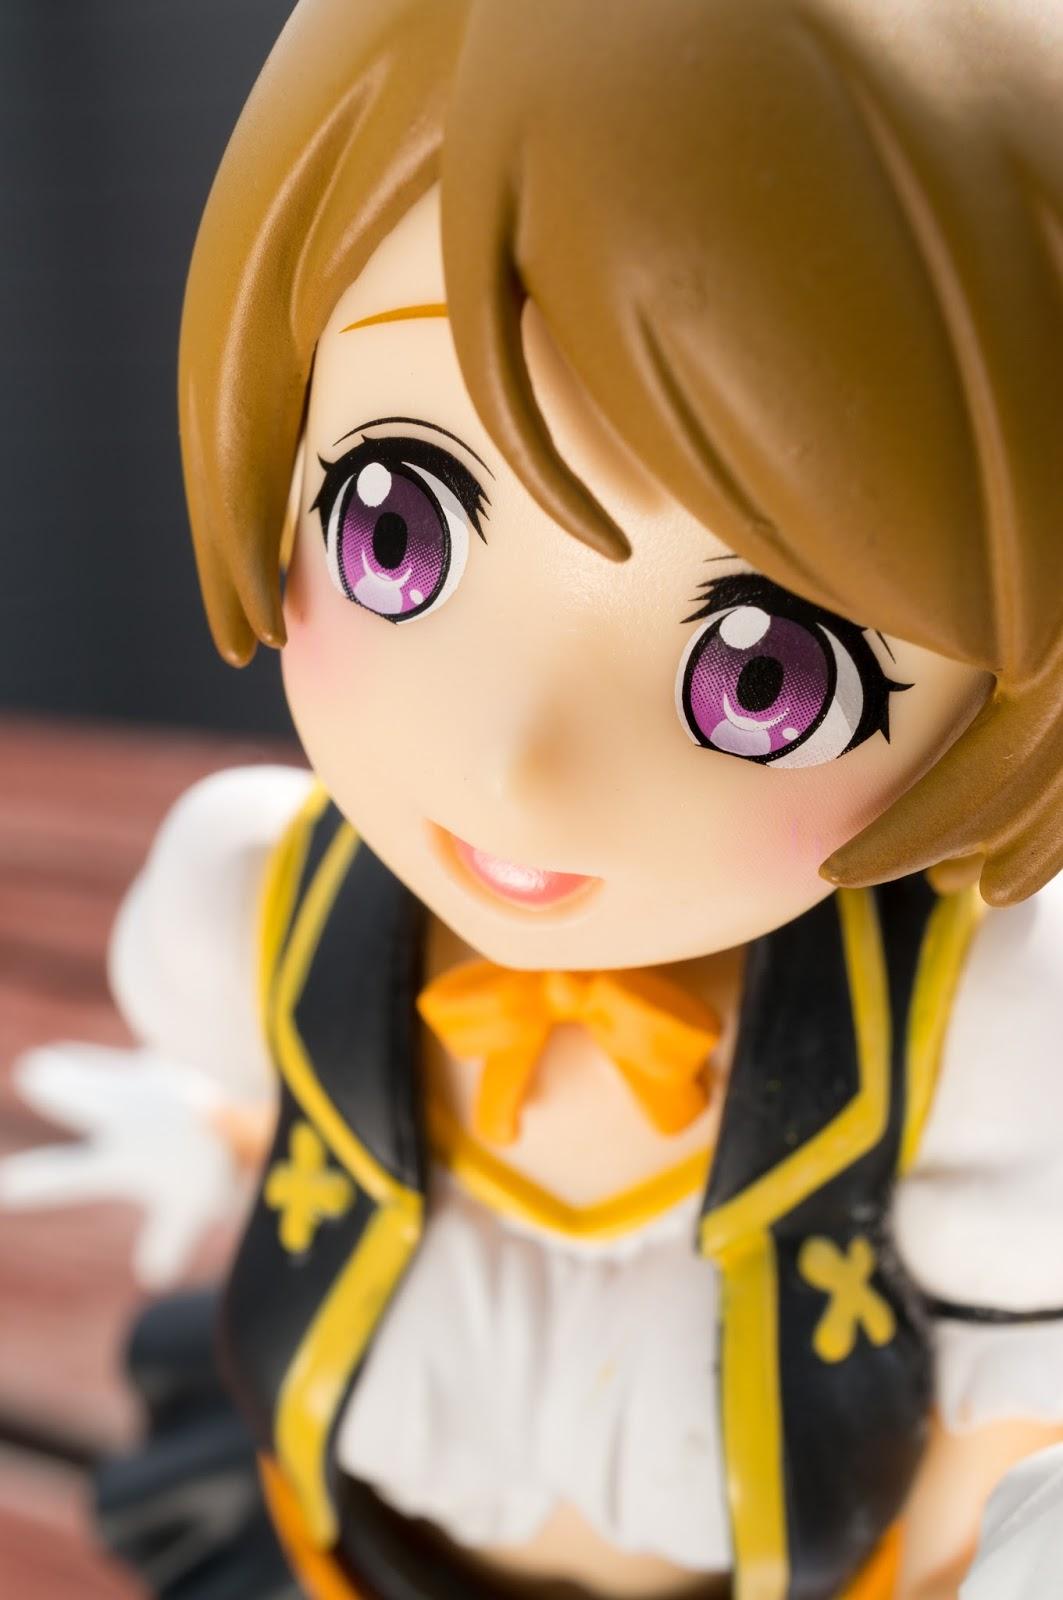 ラブライブ! 小泉花陽 HANAYO - No brand girls プレミアムフィギュア プライズ セガ レビュー